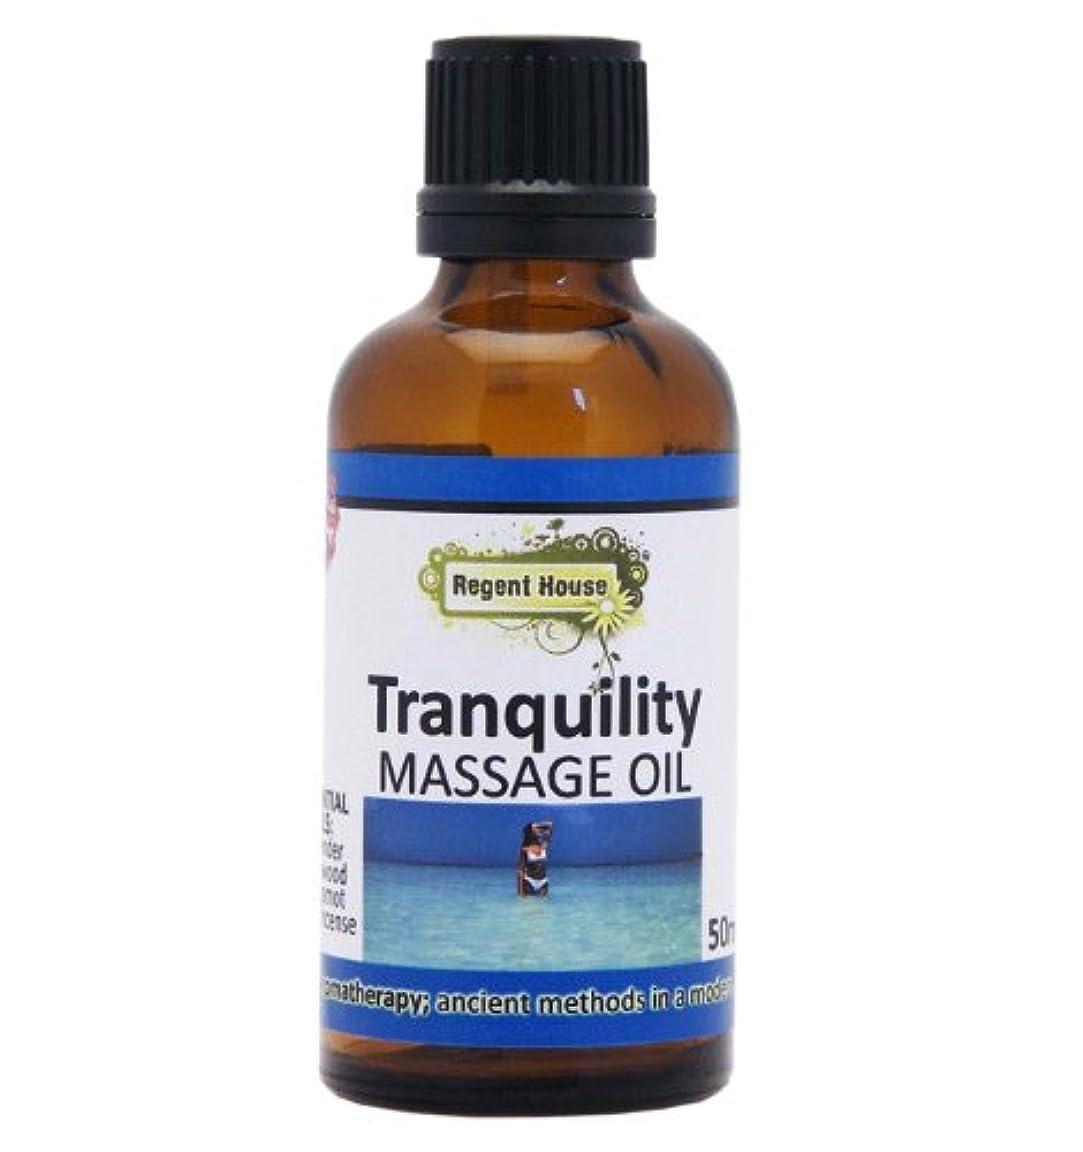 マスク望ましい関連付ける貴重なローズウッドを、たっぷり配合しました。 アロマ ナチュラル マッサージオイル 50ml トランキュリティー(Aroma Massage Oil Tranqulity)